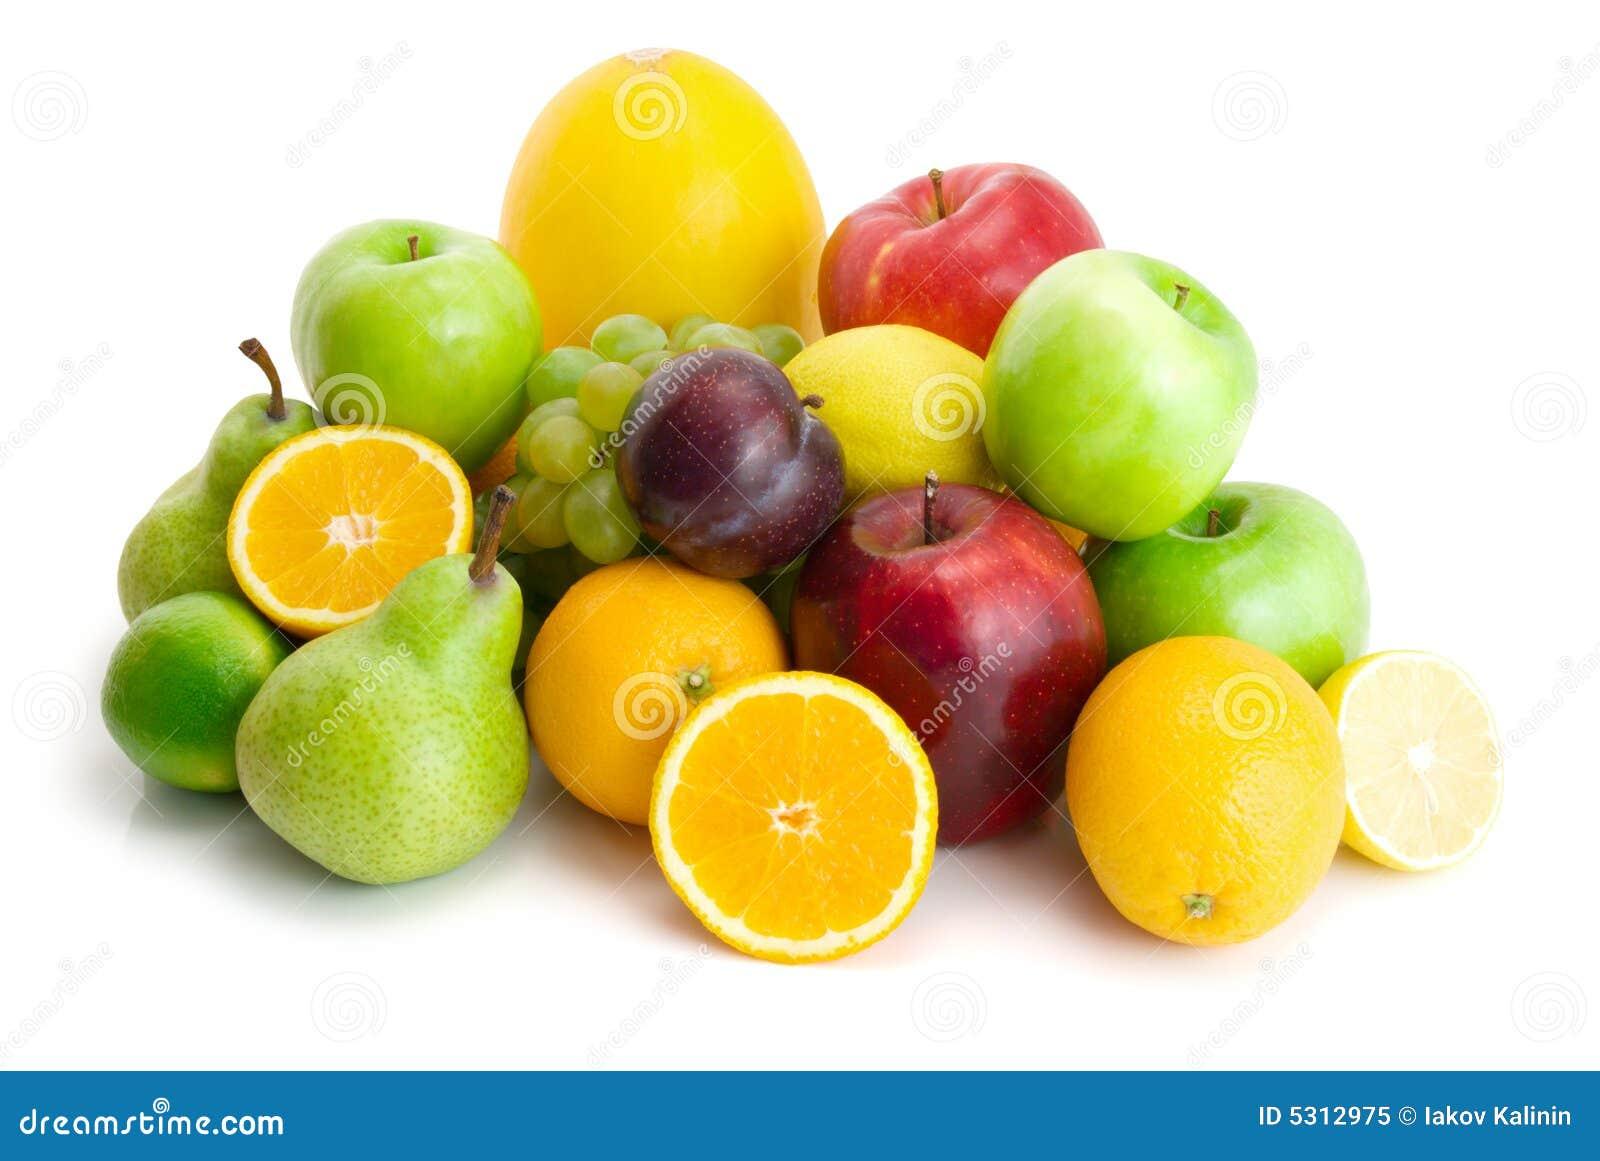 Download Frutta immagine stock. Immagine di background, agrume - 5312975